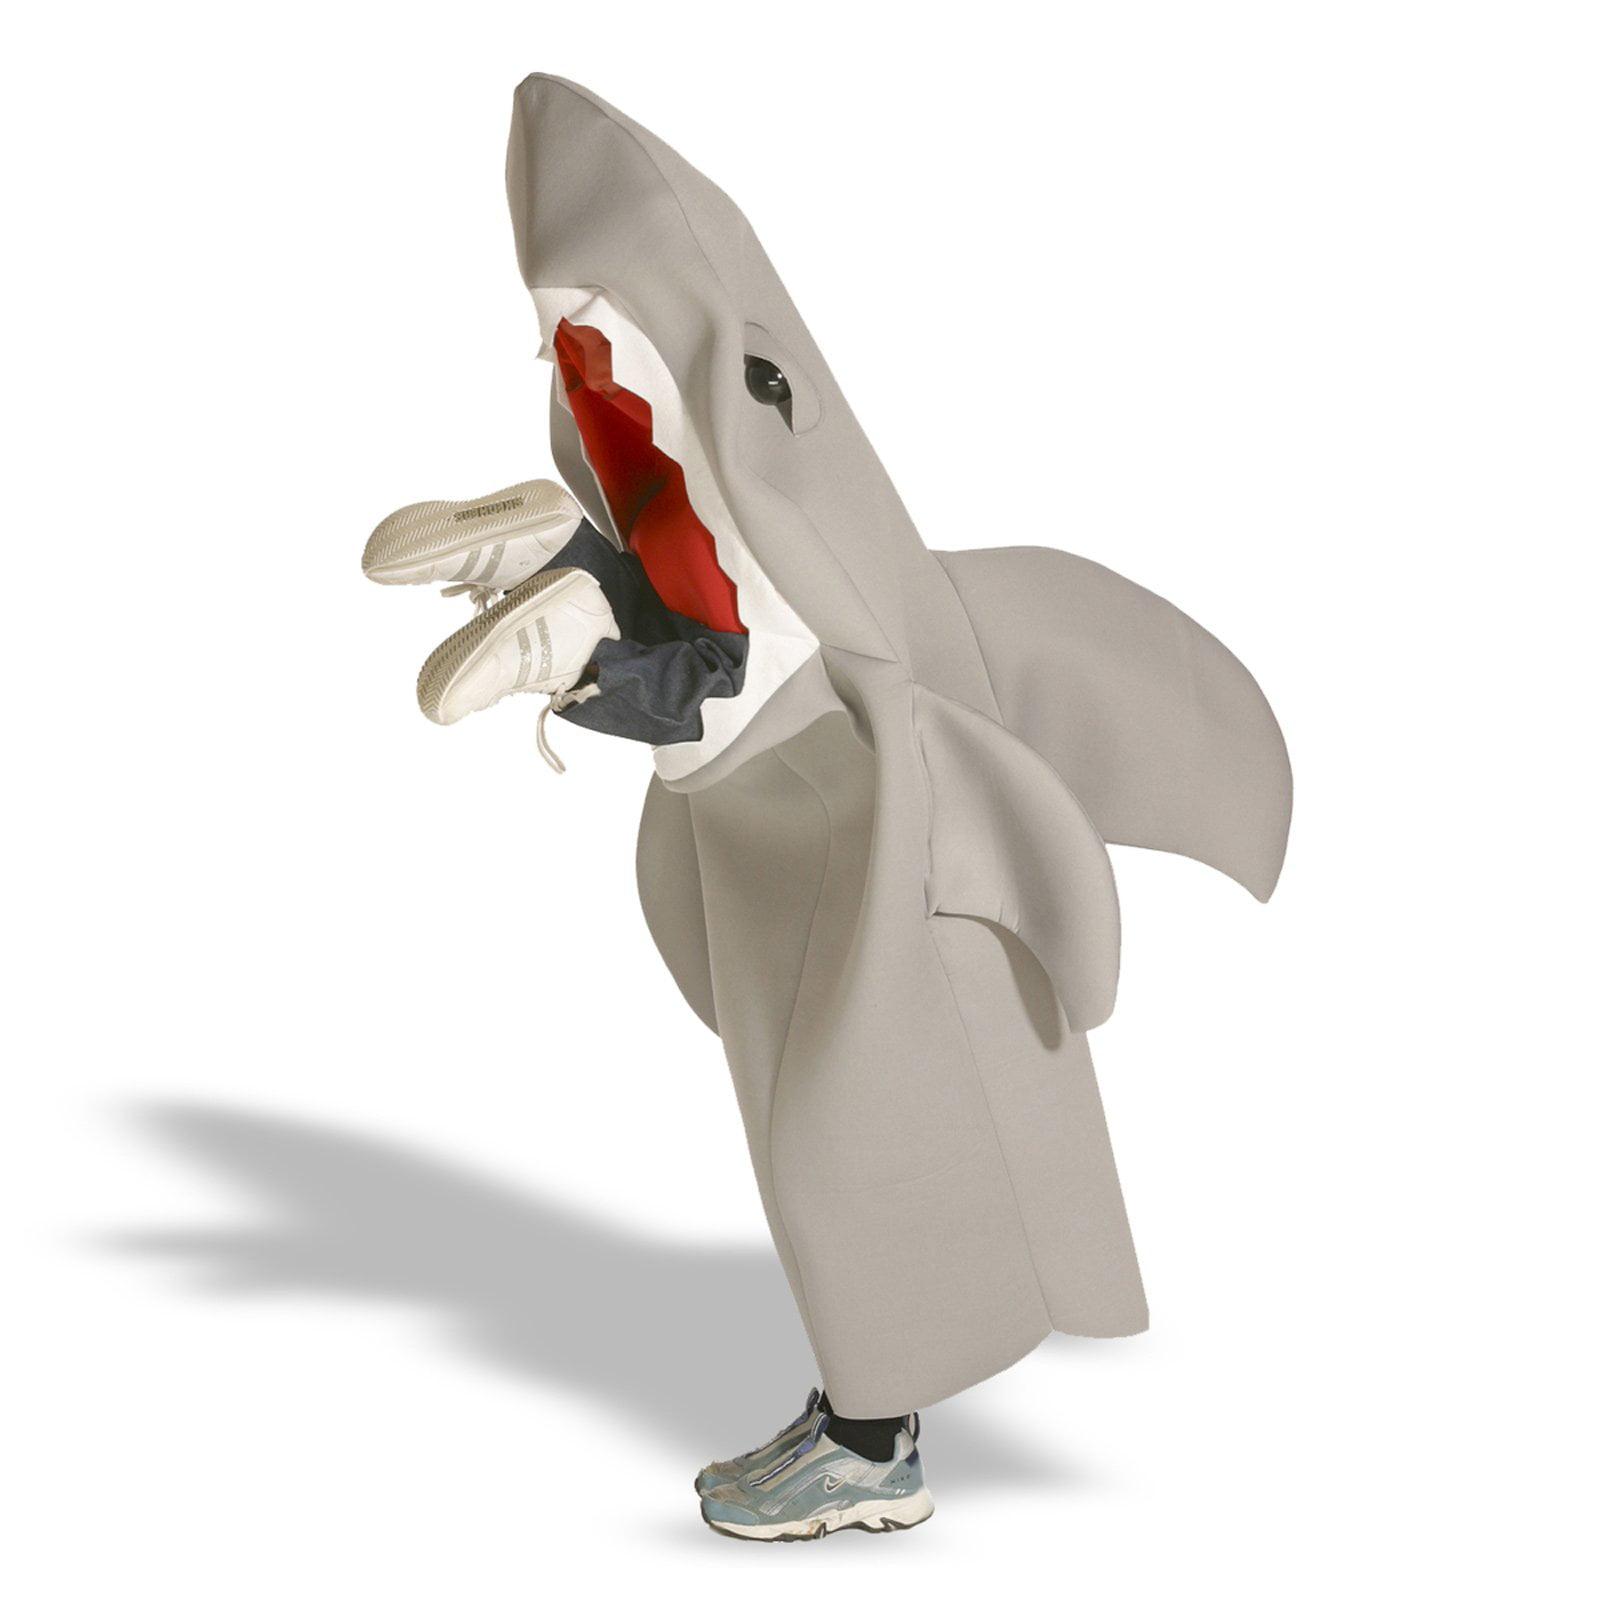 sc 1 st  Walmart & Shark Lilu0027 Man-Eating Shark Child Halloween Costume - Walmart.com